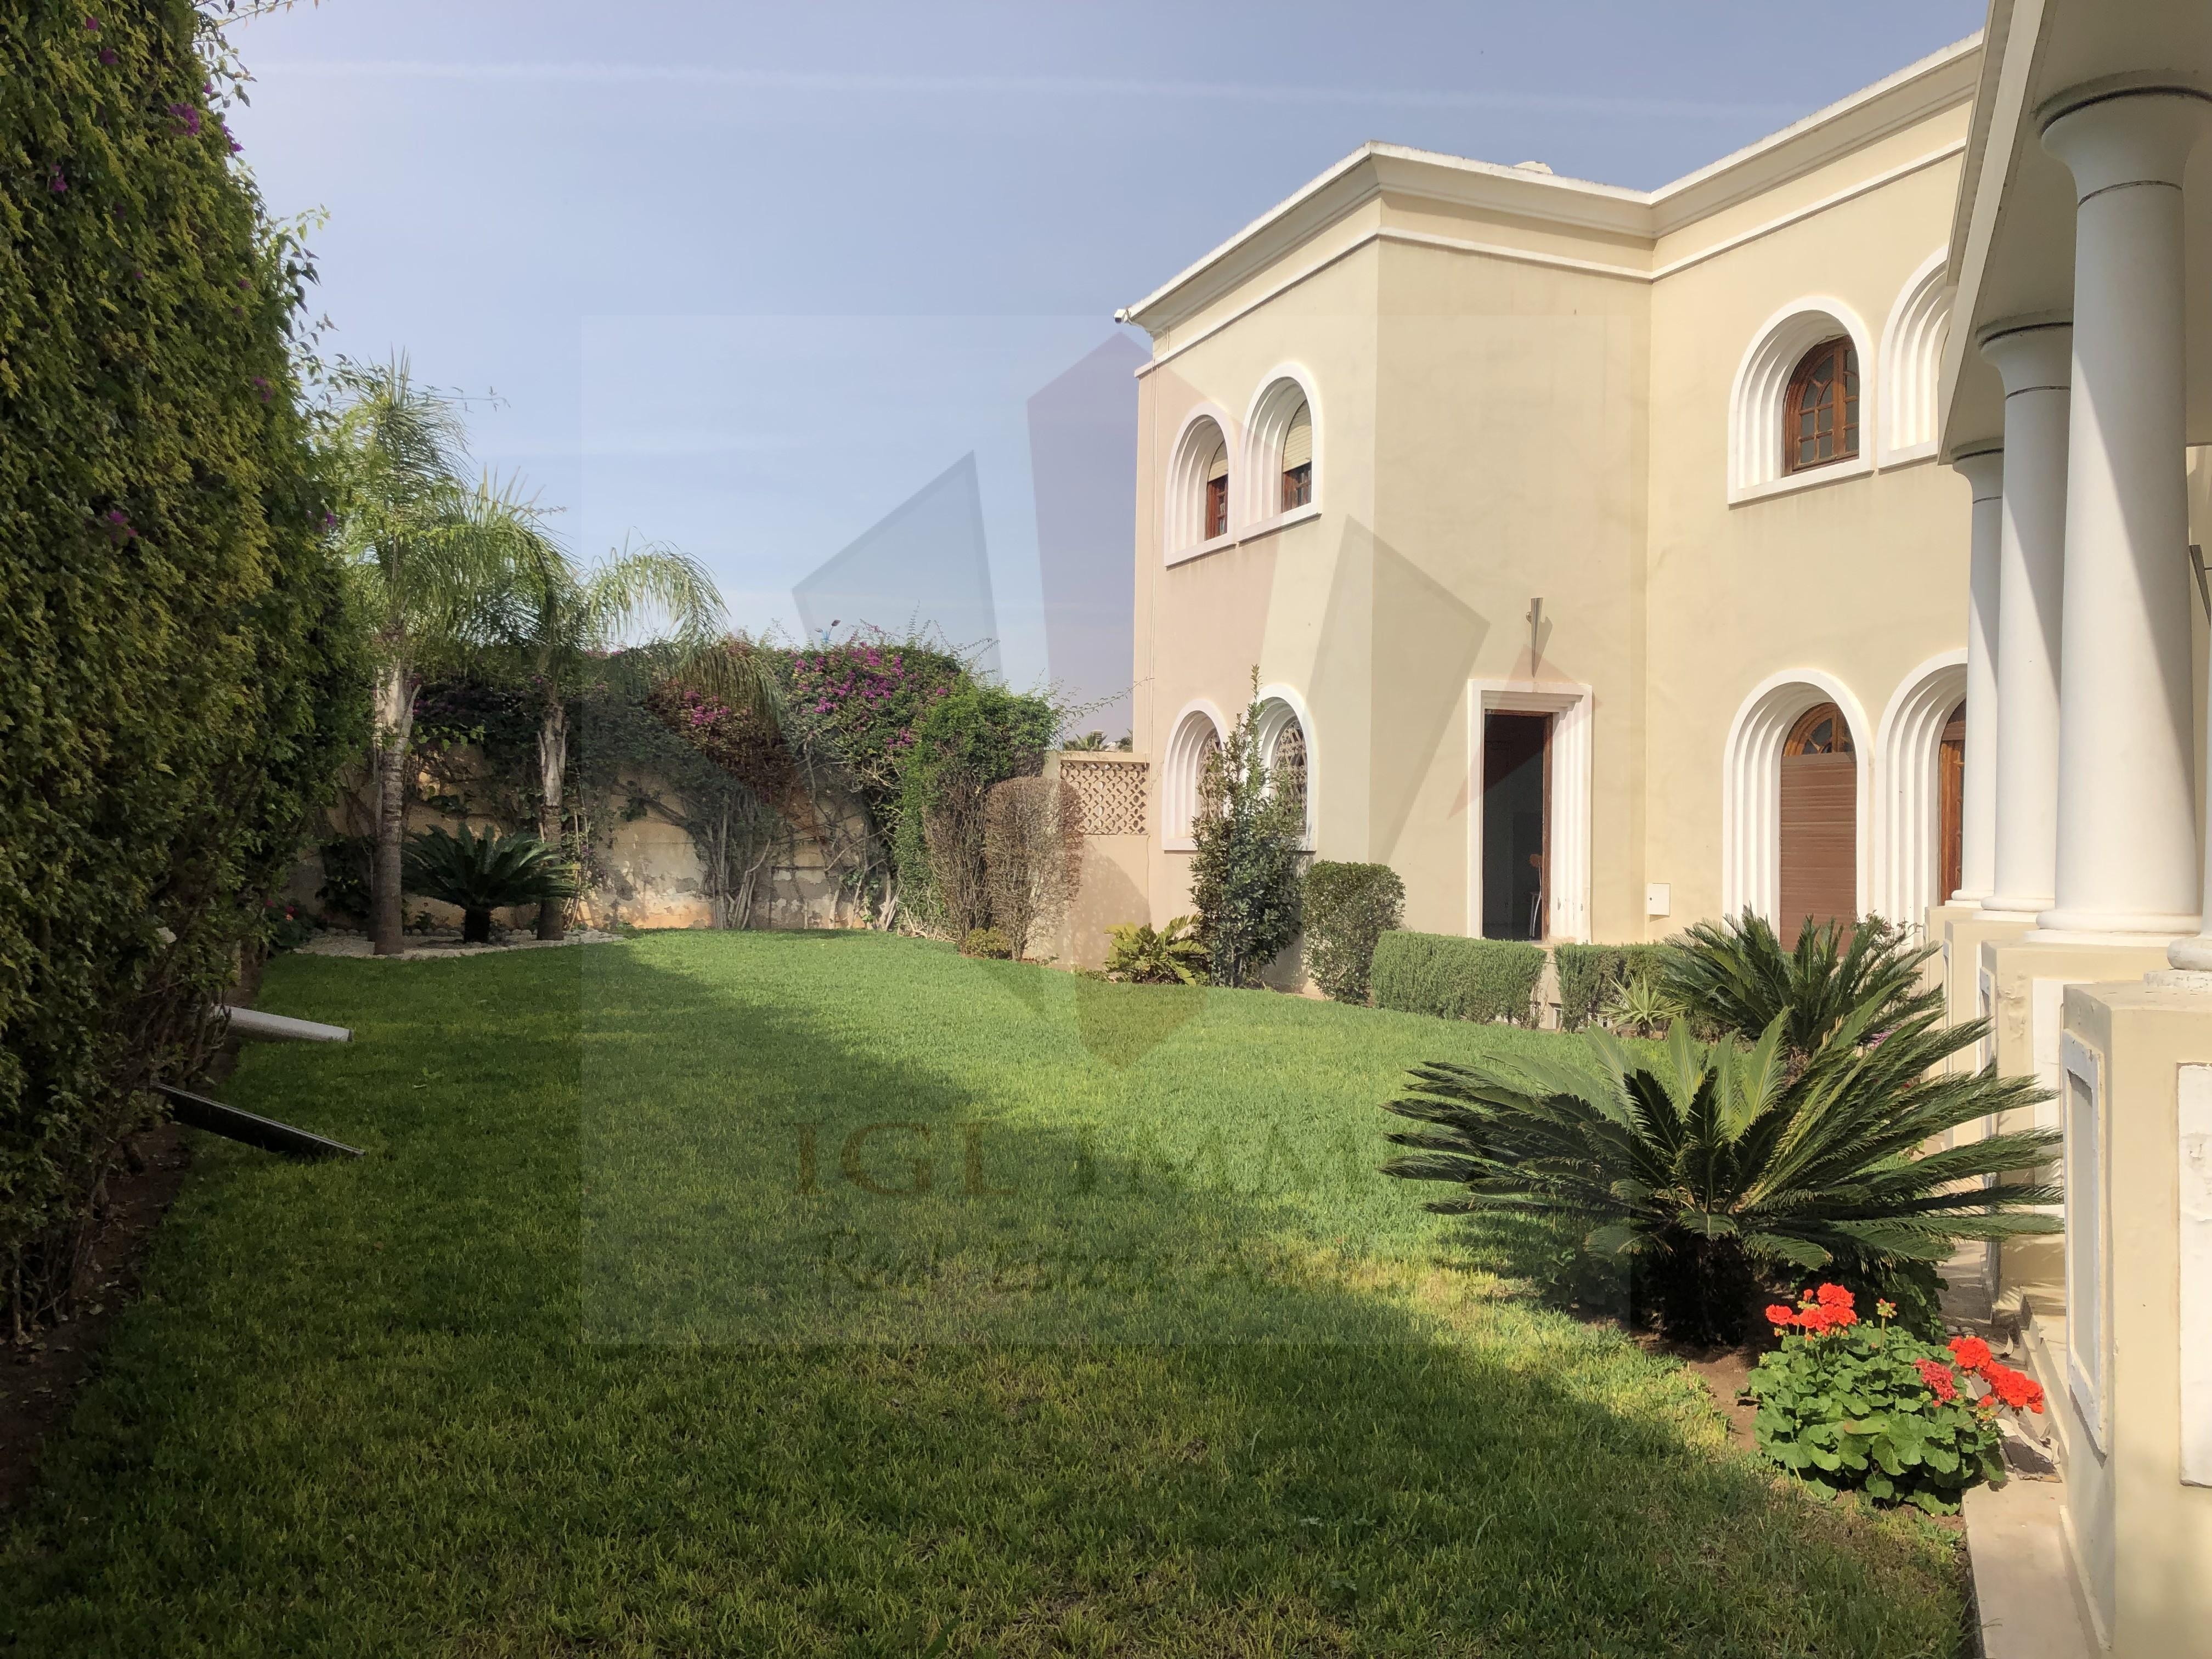 Vente <strong>Villa</strong> Casablanca Californie <strong>1170 m2</strong>